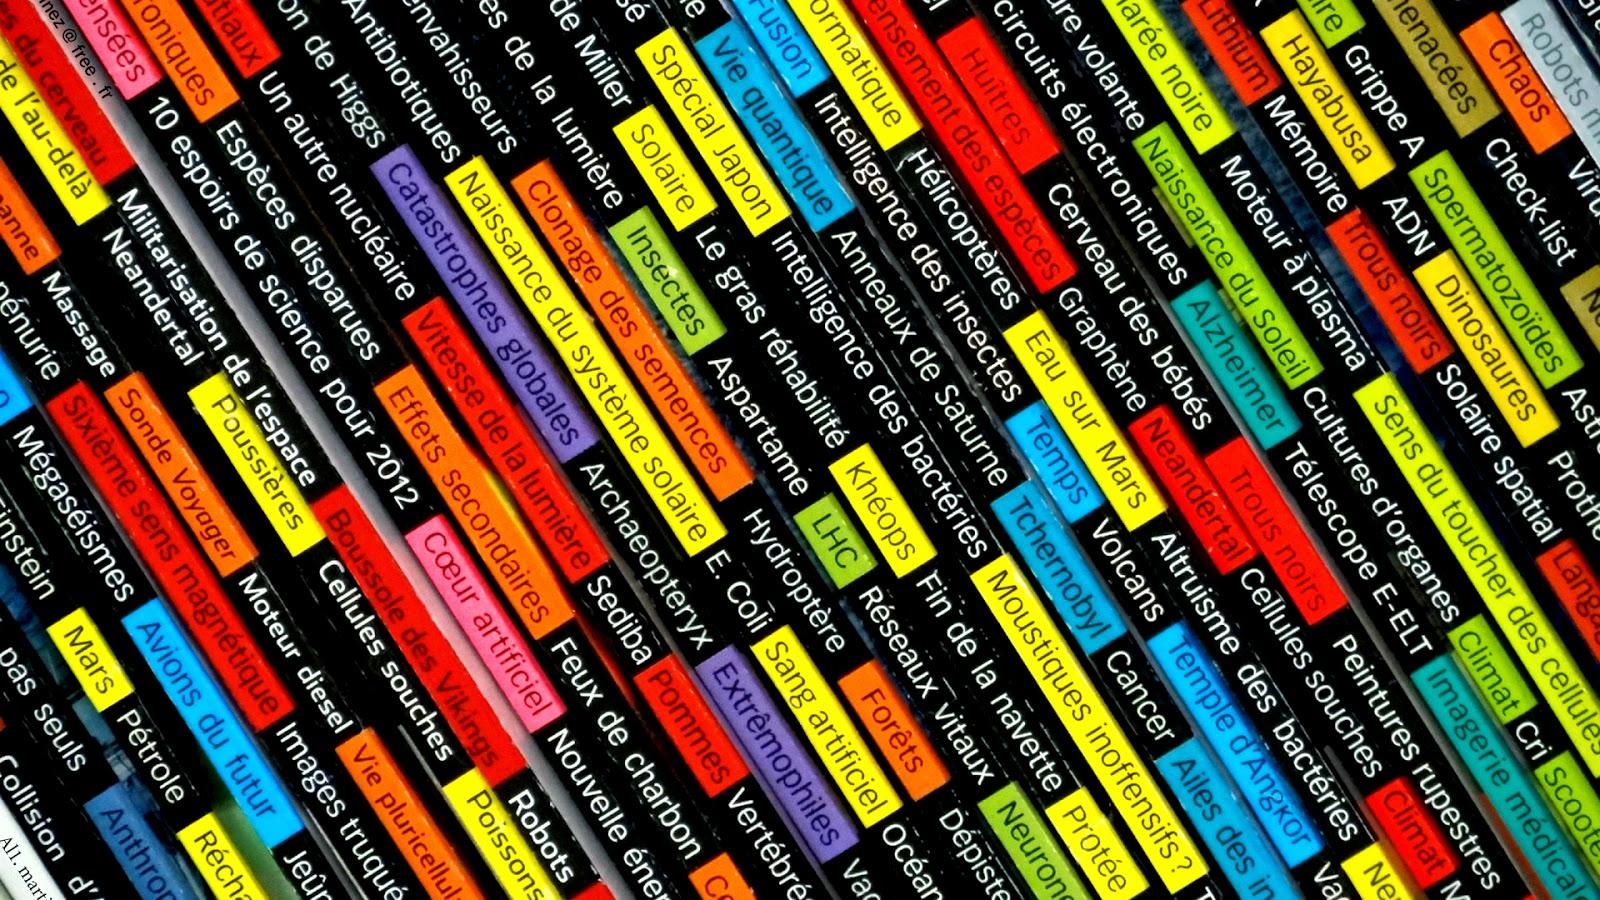 Fondo de pantalla abstracto libros de ciencia imagenes - Imagenes de librerias ...